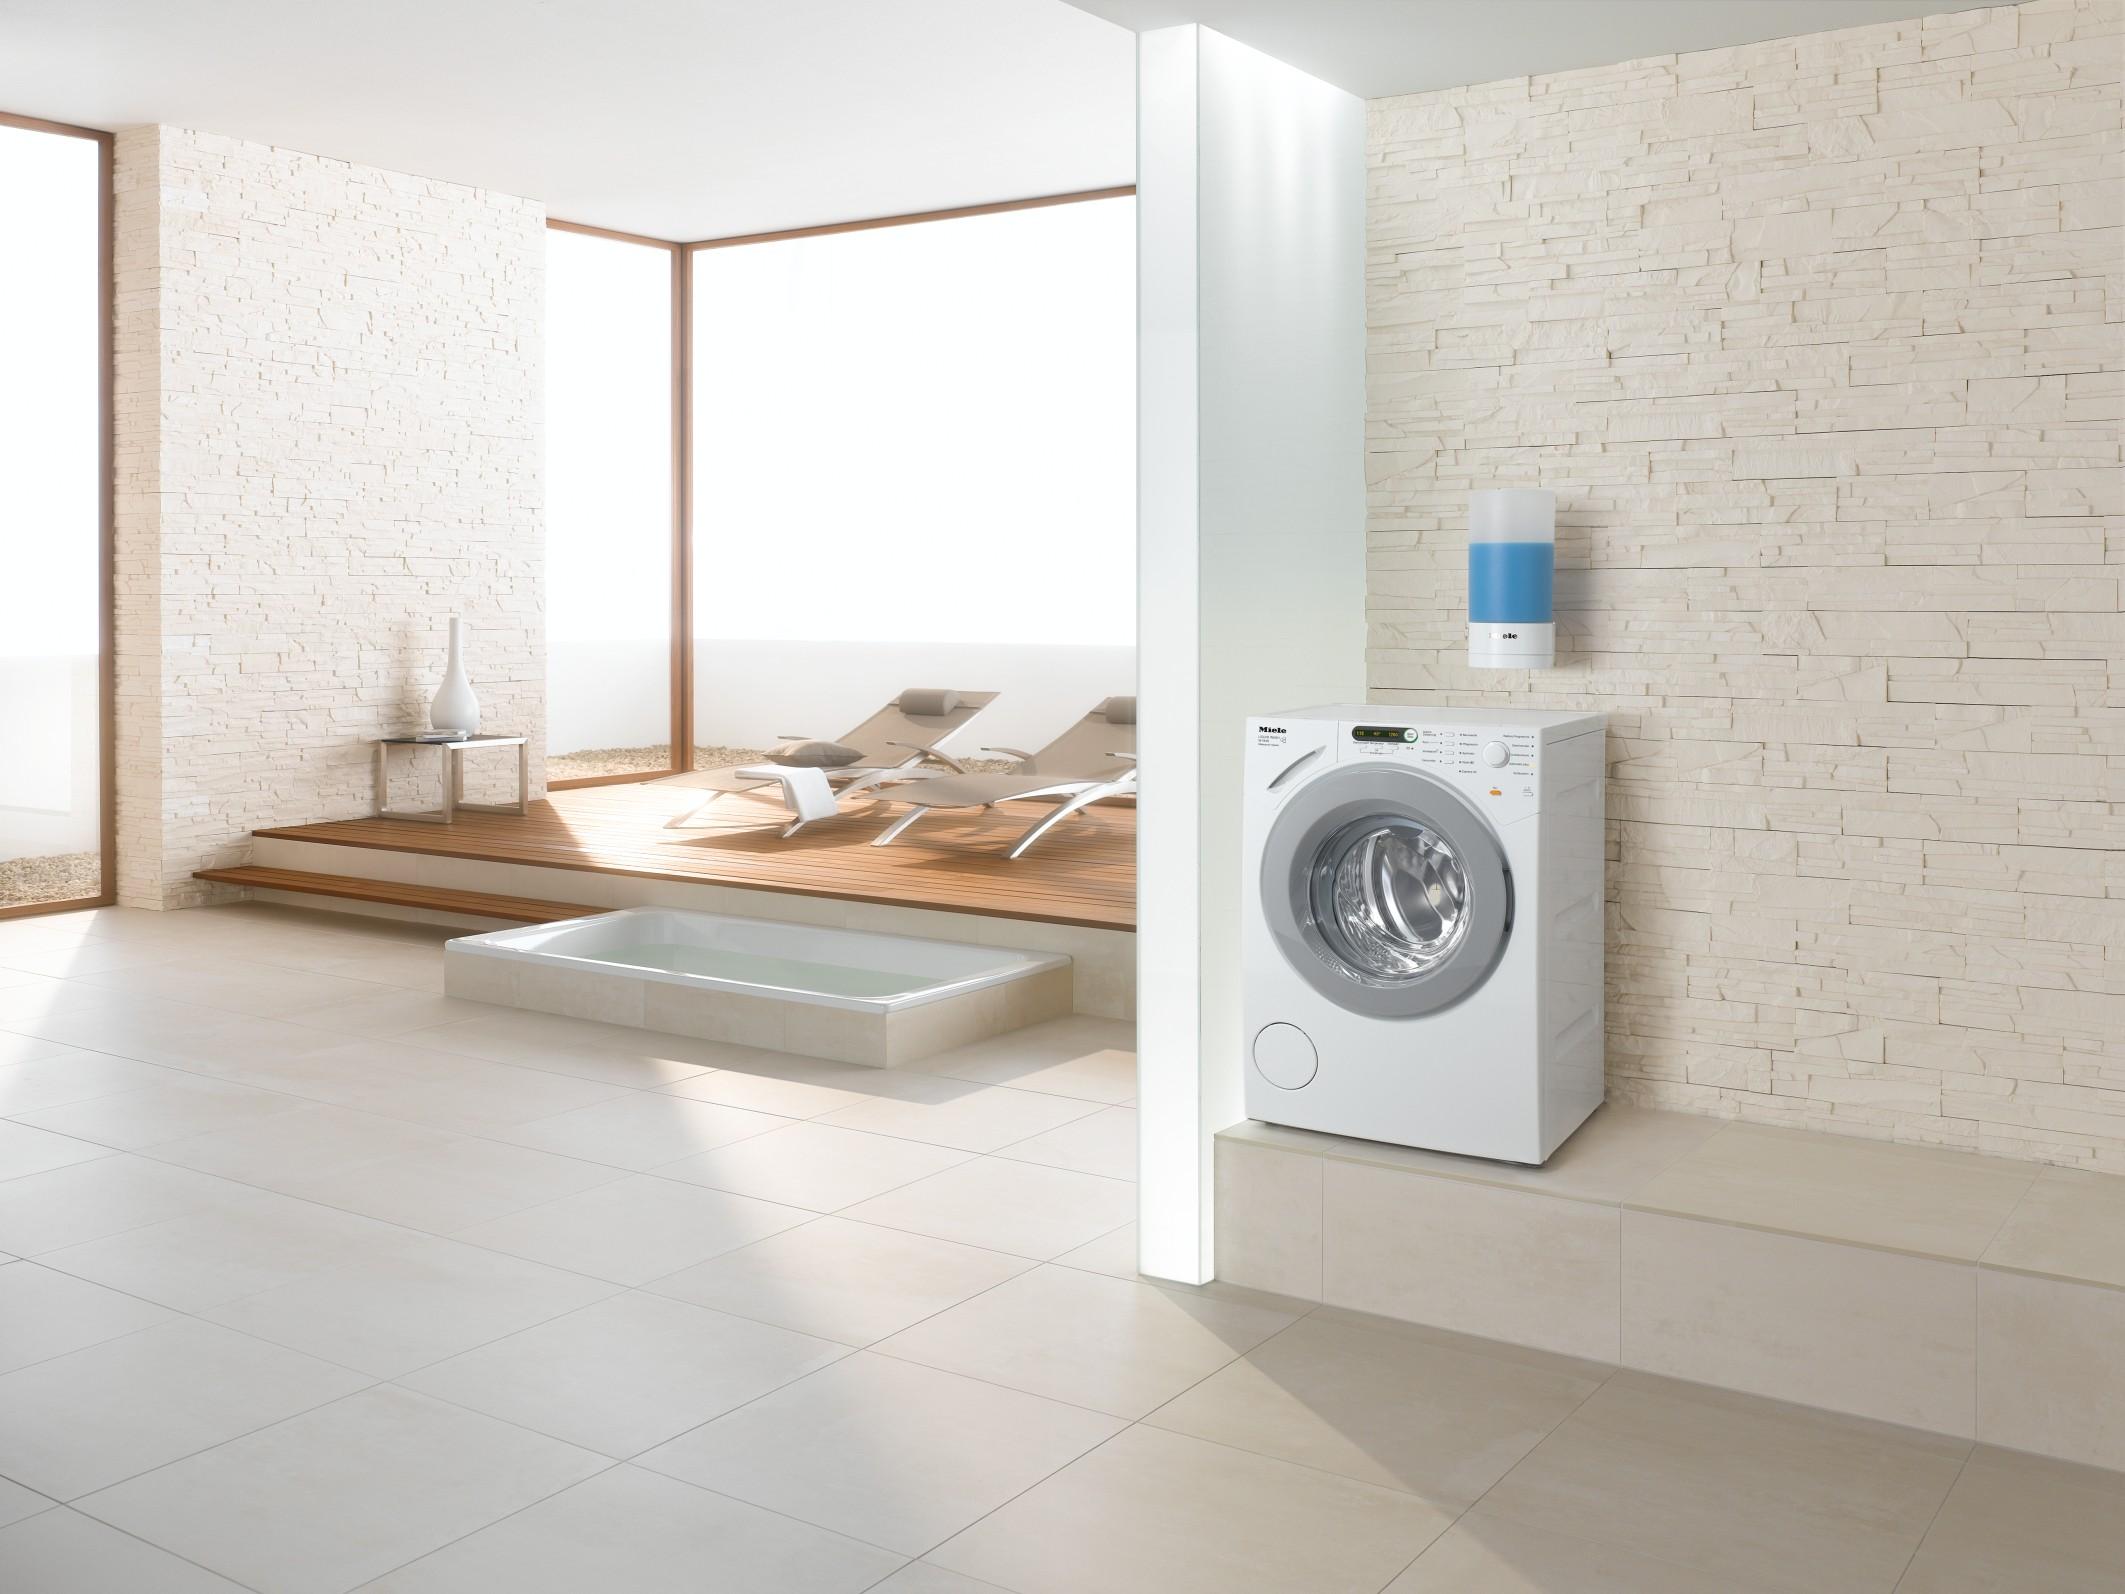 mit automatischer dosierung f r fl ssigwaschmittel miele liquidwash spart bis zu 30 prozent. Black Bedroom Furniture Sets. Home Design Ideas